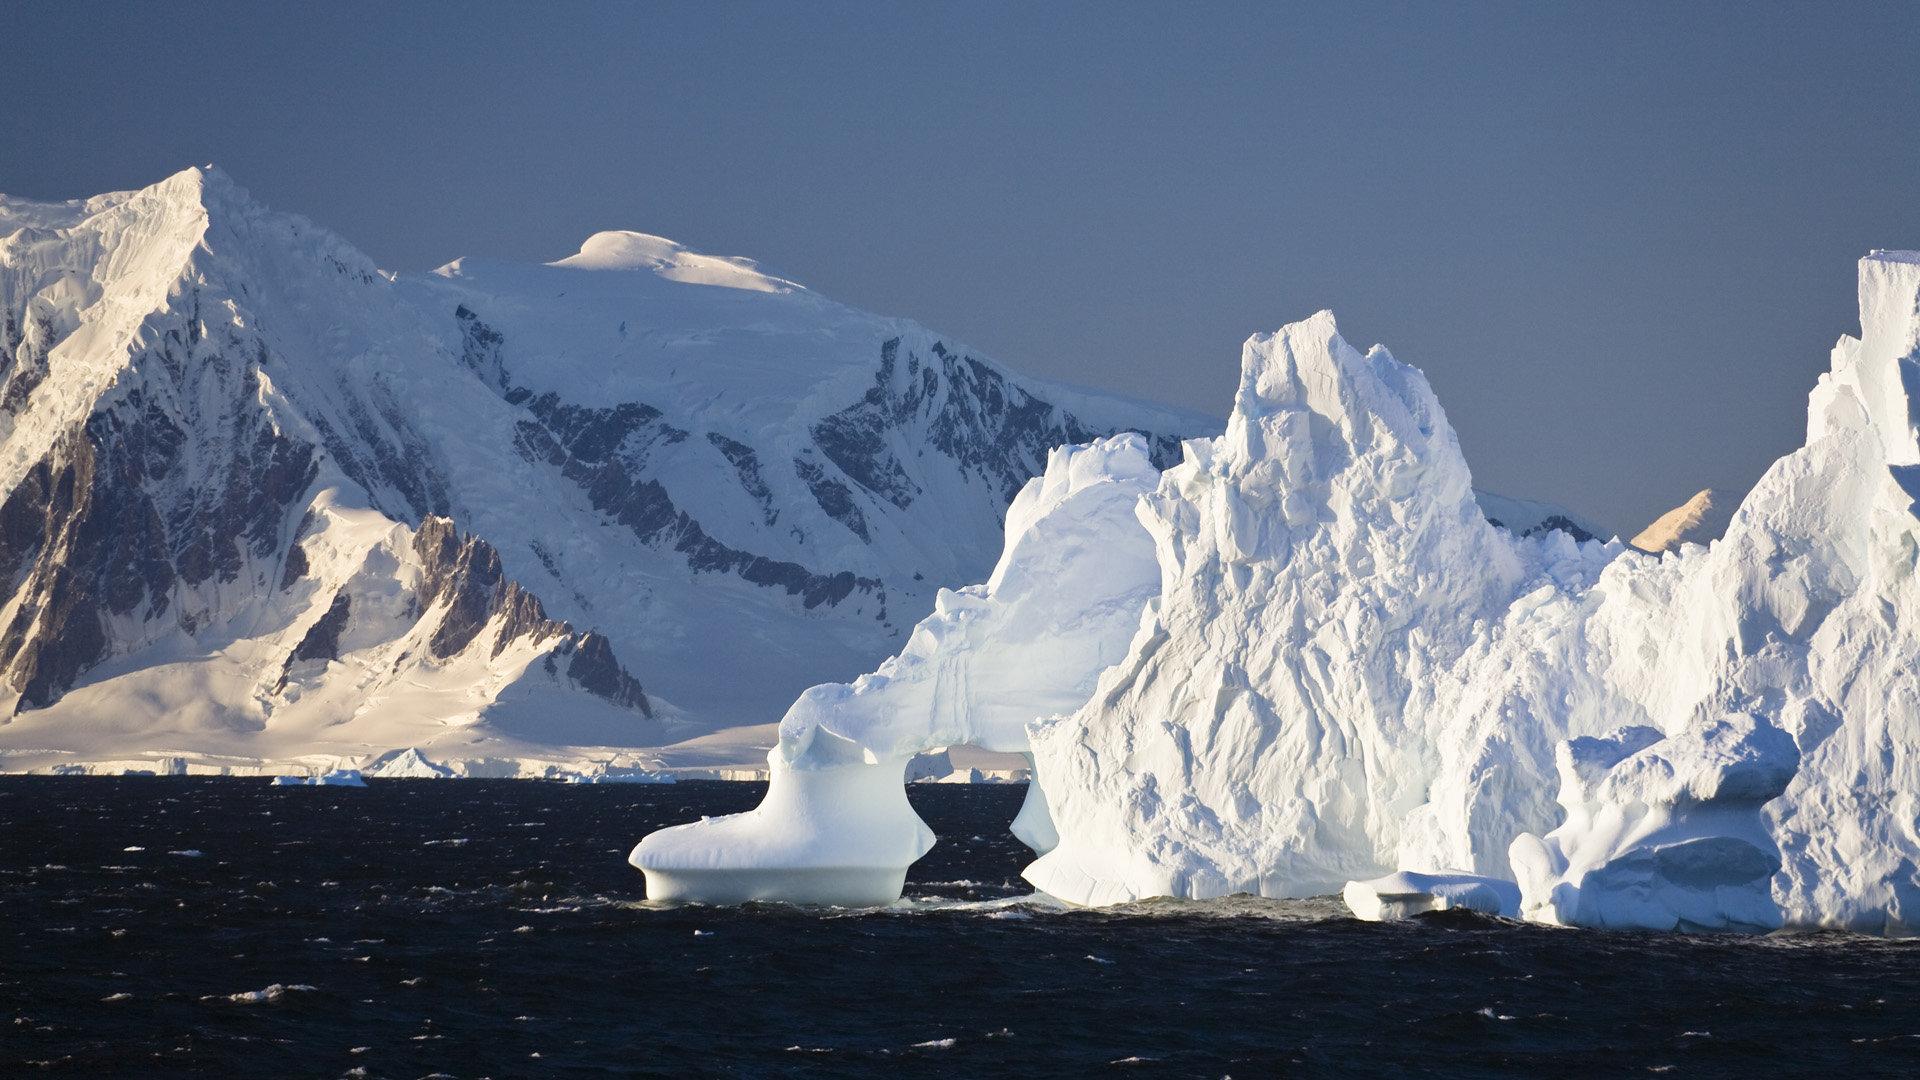 Landscape Iceberg Wallpaper